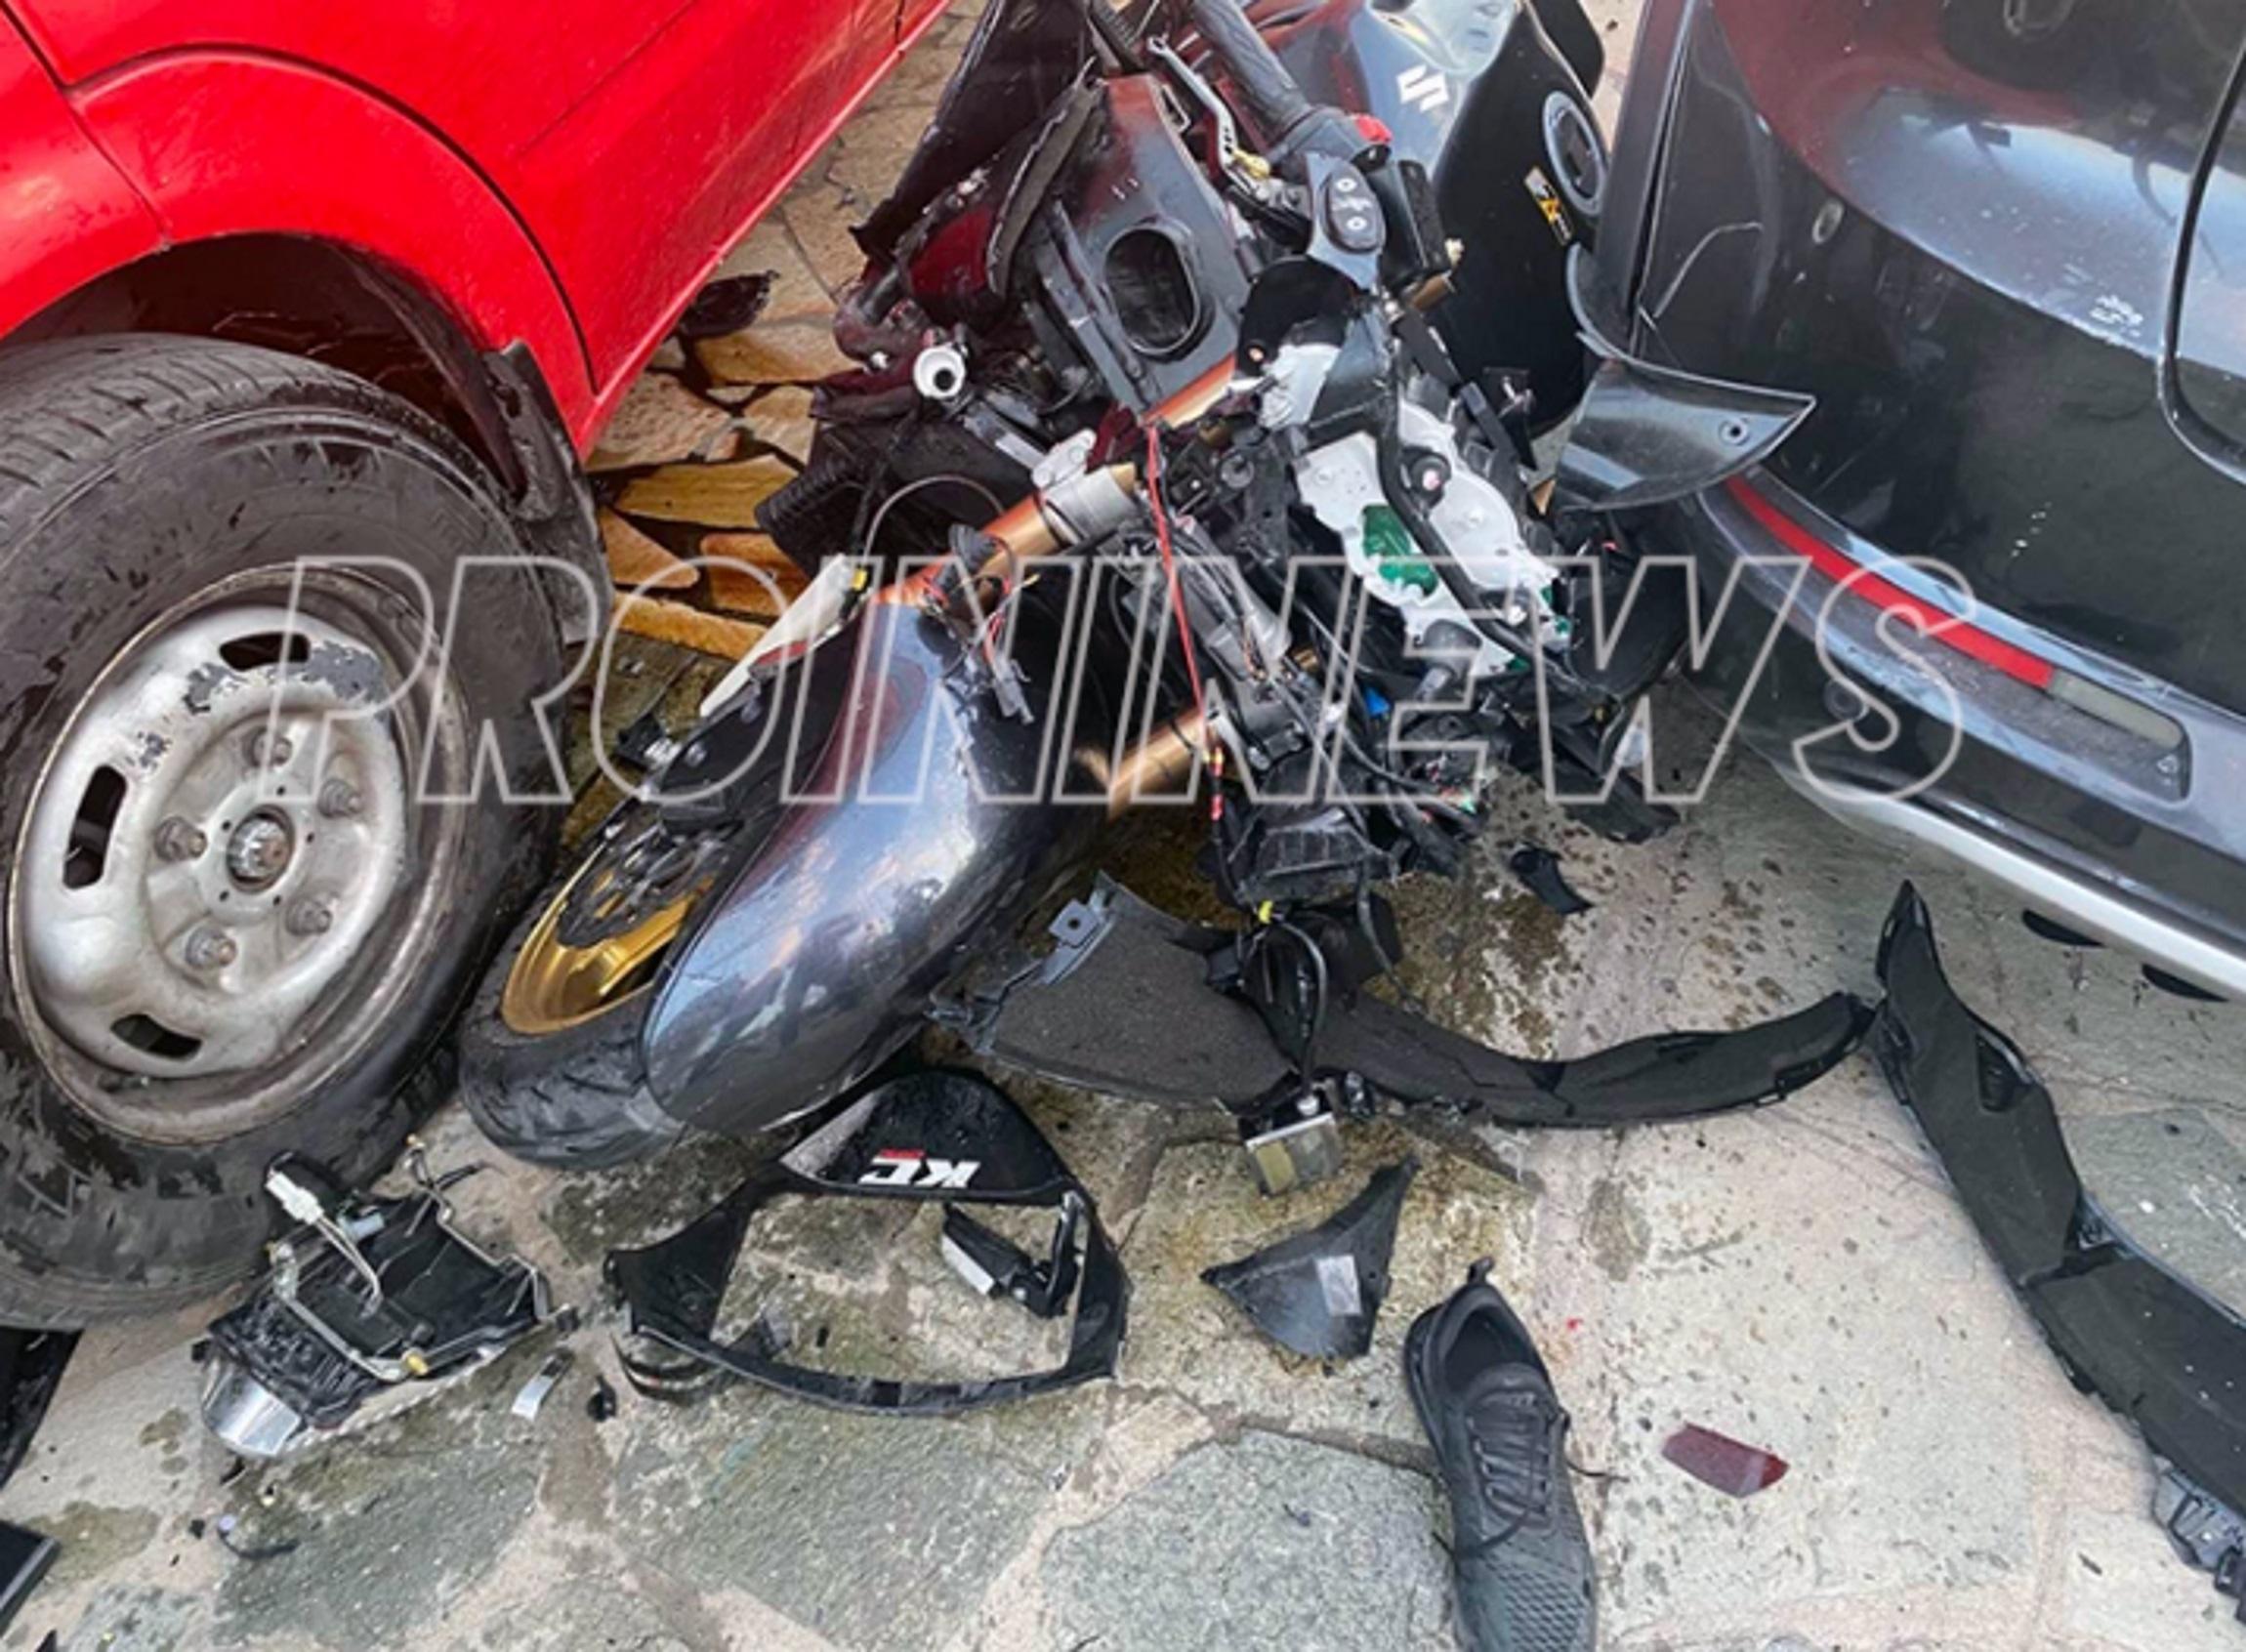 Τραγωδία σε Γάμο στην Καβάλα: 3 Νεκροί και 5 σοβαρά τραυματίες [Σκληρές Εικόνες]